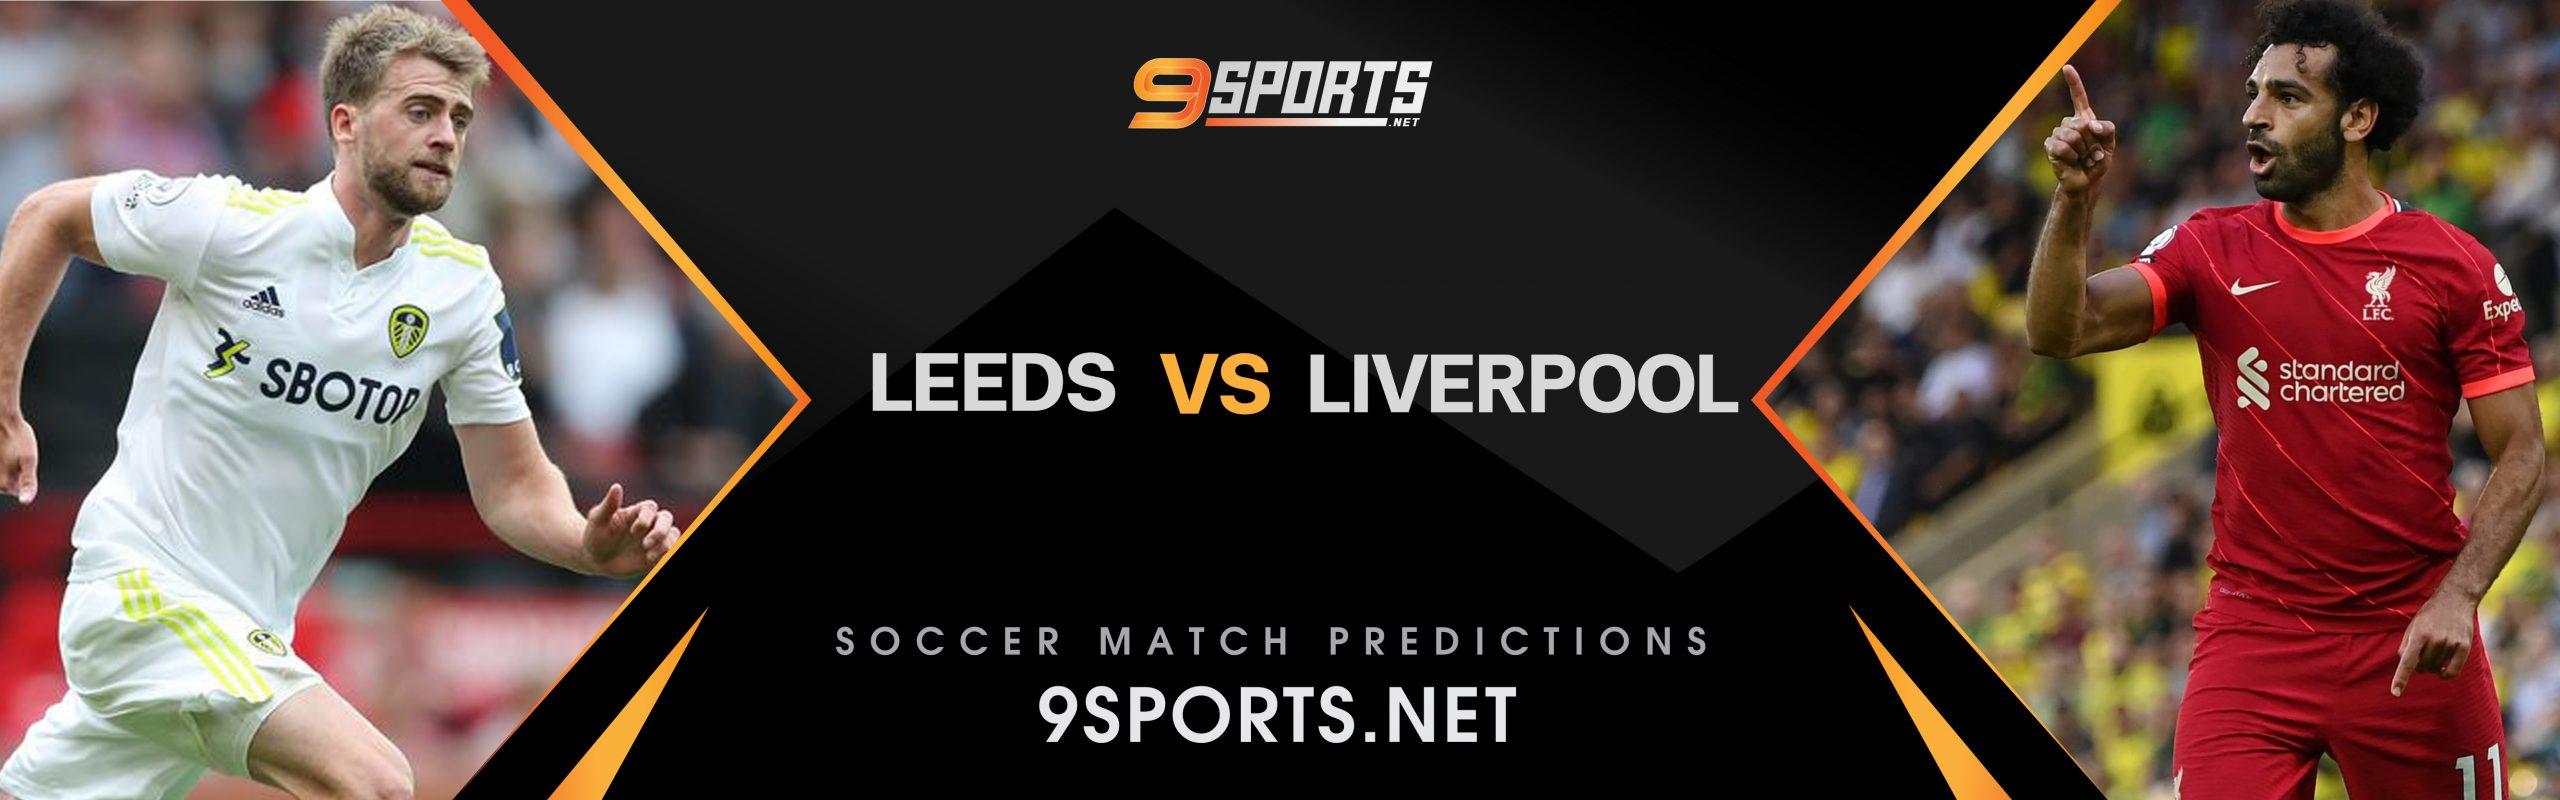 ทีเด็ดวิเคราะห์บอล 9Sports พรีเมียร์ลีค อังกฤษ ลีดส์ ยูไนเต็ด VS ลิเวอร์พูล